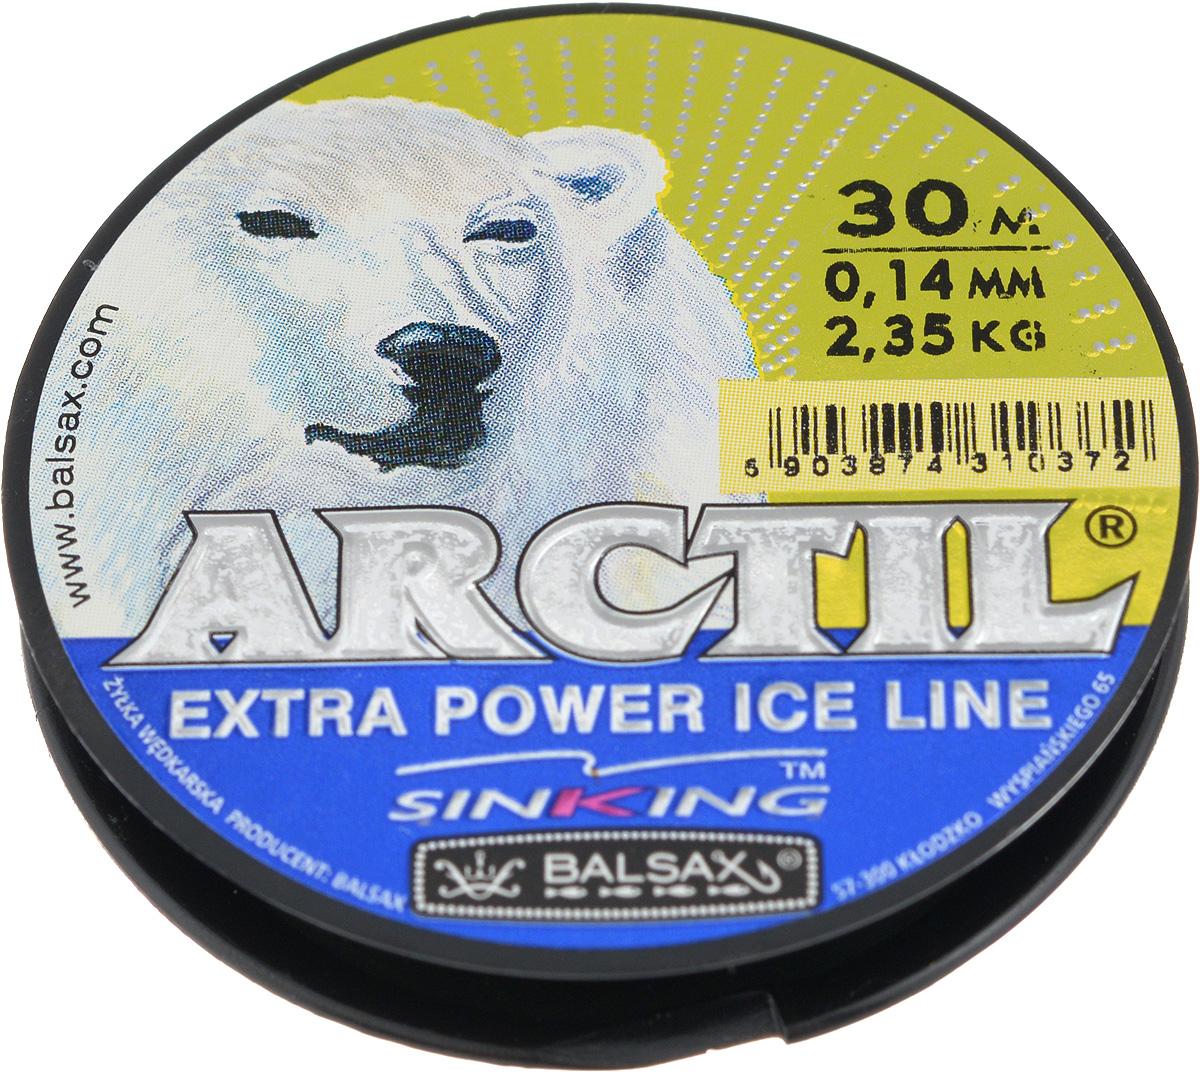 Леска зимняя Balsax Arctil, 30 м, 0,14 мм, 2,35 кг59267Леска Balsax Arctil изготовлена из 100% нейлона и очень хорошо выдерживаетнизкие температуры. Даже в самом холодном климате, при температуре вплотьдо -40°C, она сохраняет свои свойствапрактически без изменений, в то время как традиционные лески становятся менееэластичными и теряют прочность. Поверхность лески обработана таким образом, что она не обмерзает и отличноподходит для подледного лова. Прочна вместах вязки узлов даже при минимальном диаметре.